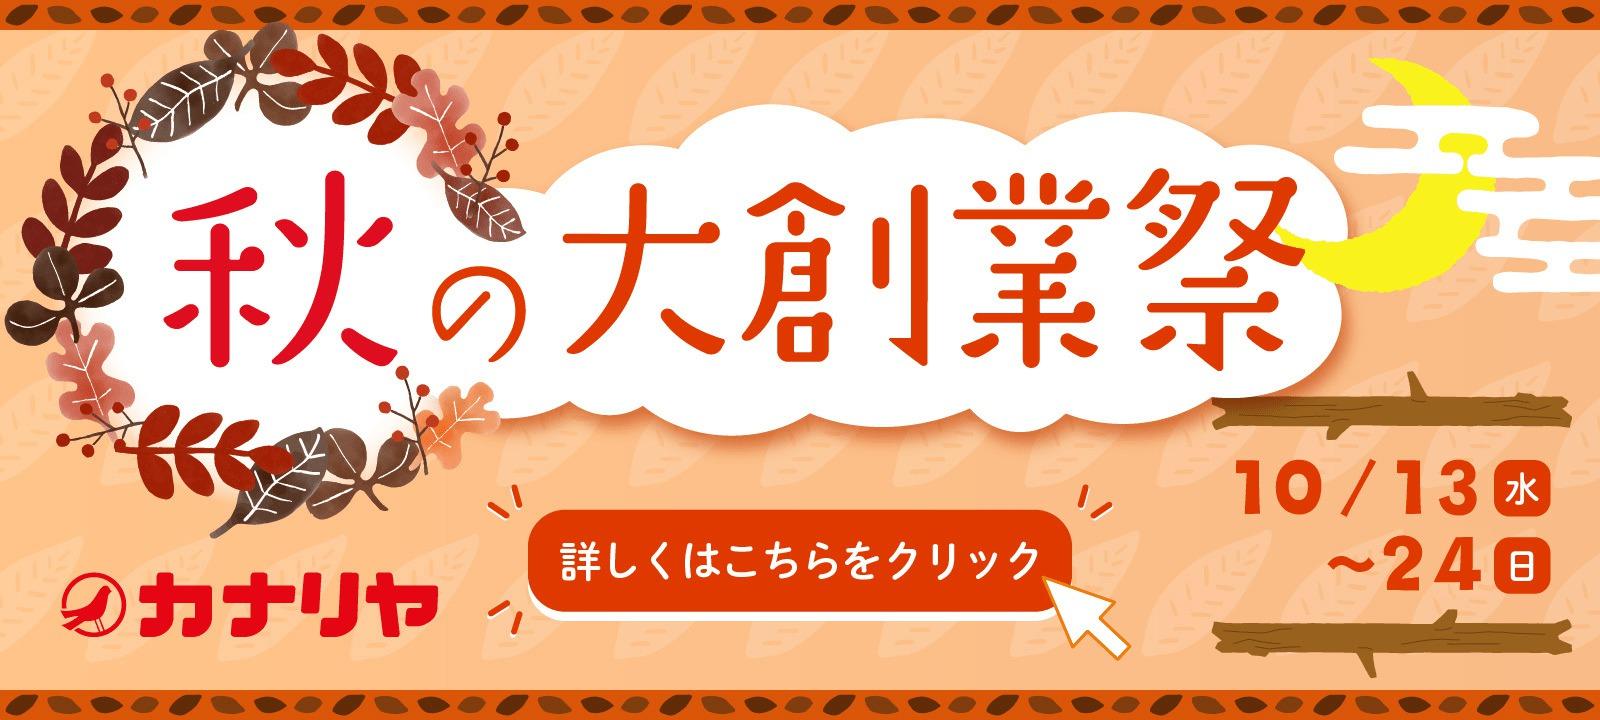 秋の大創業祭 10/13〜10/24